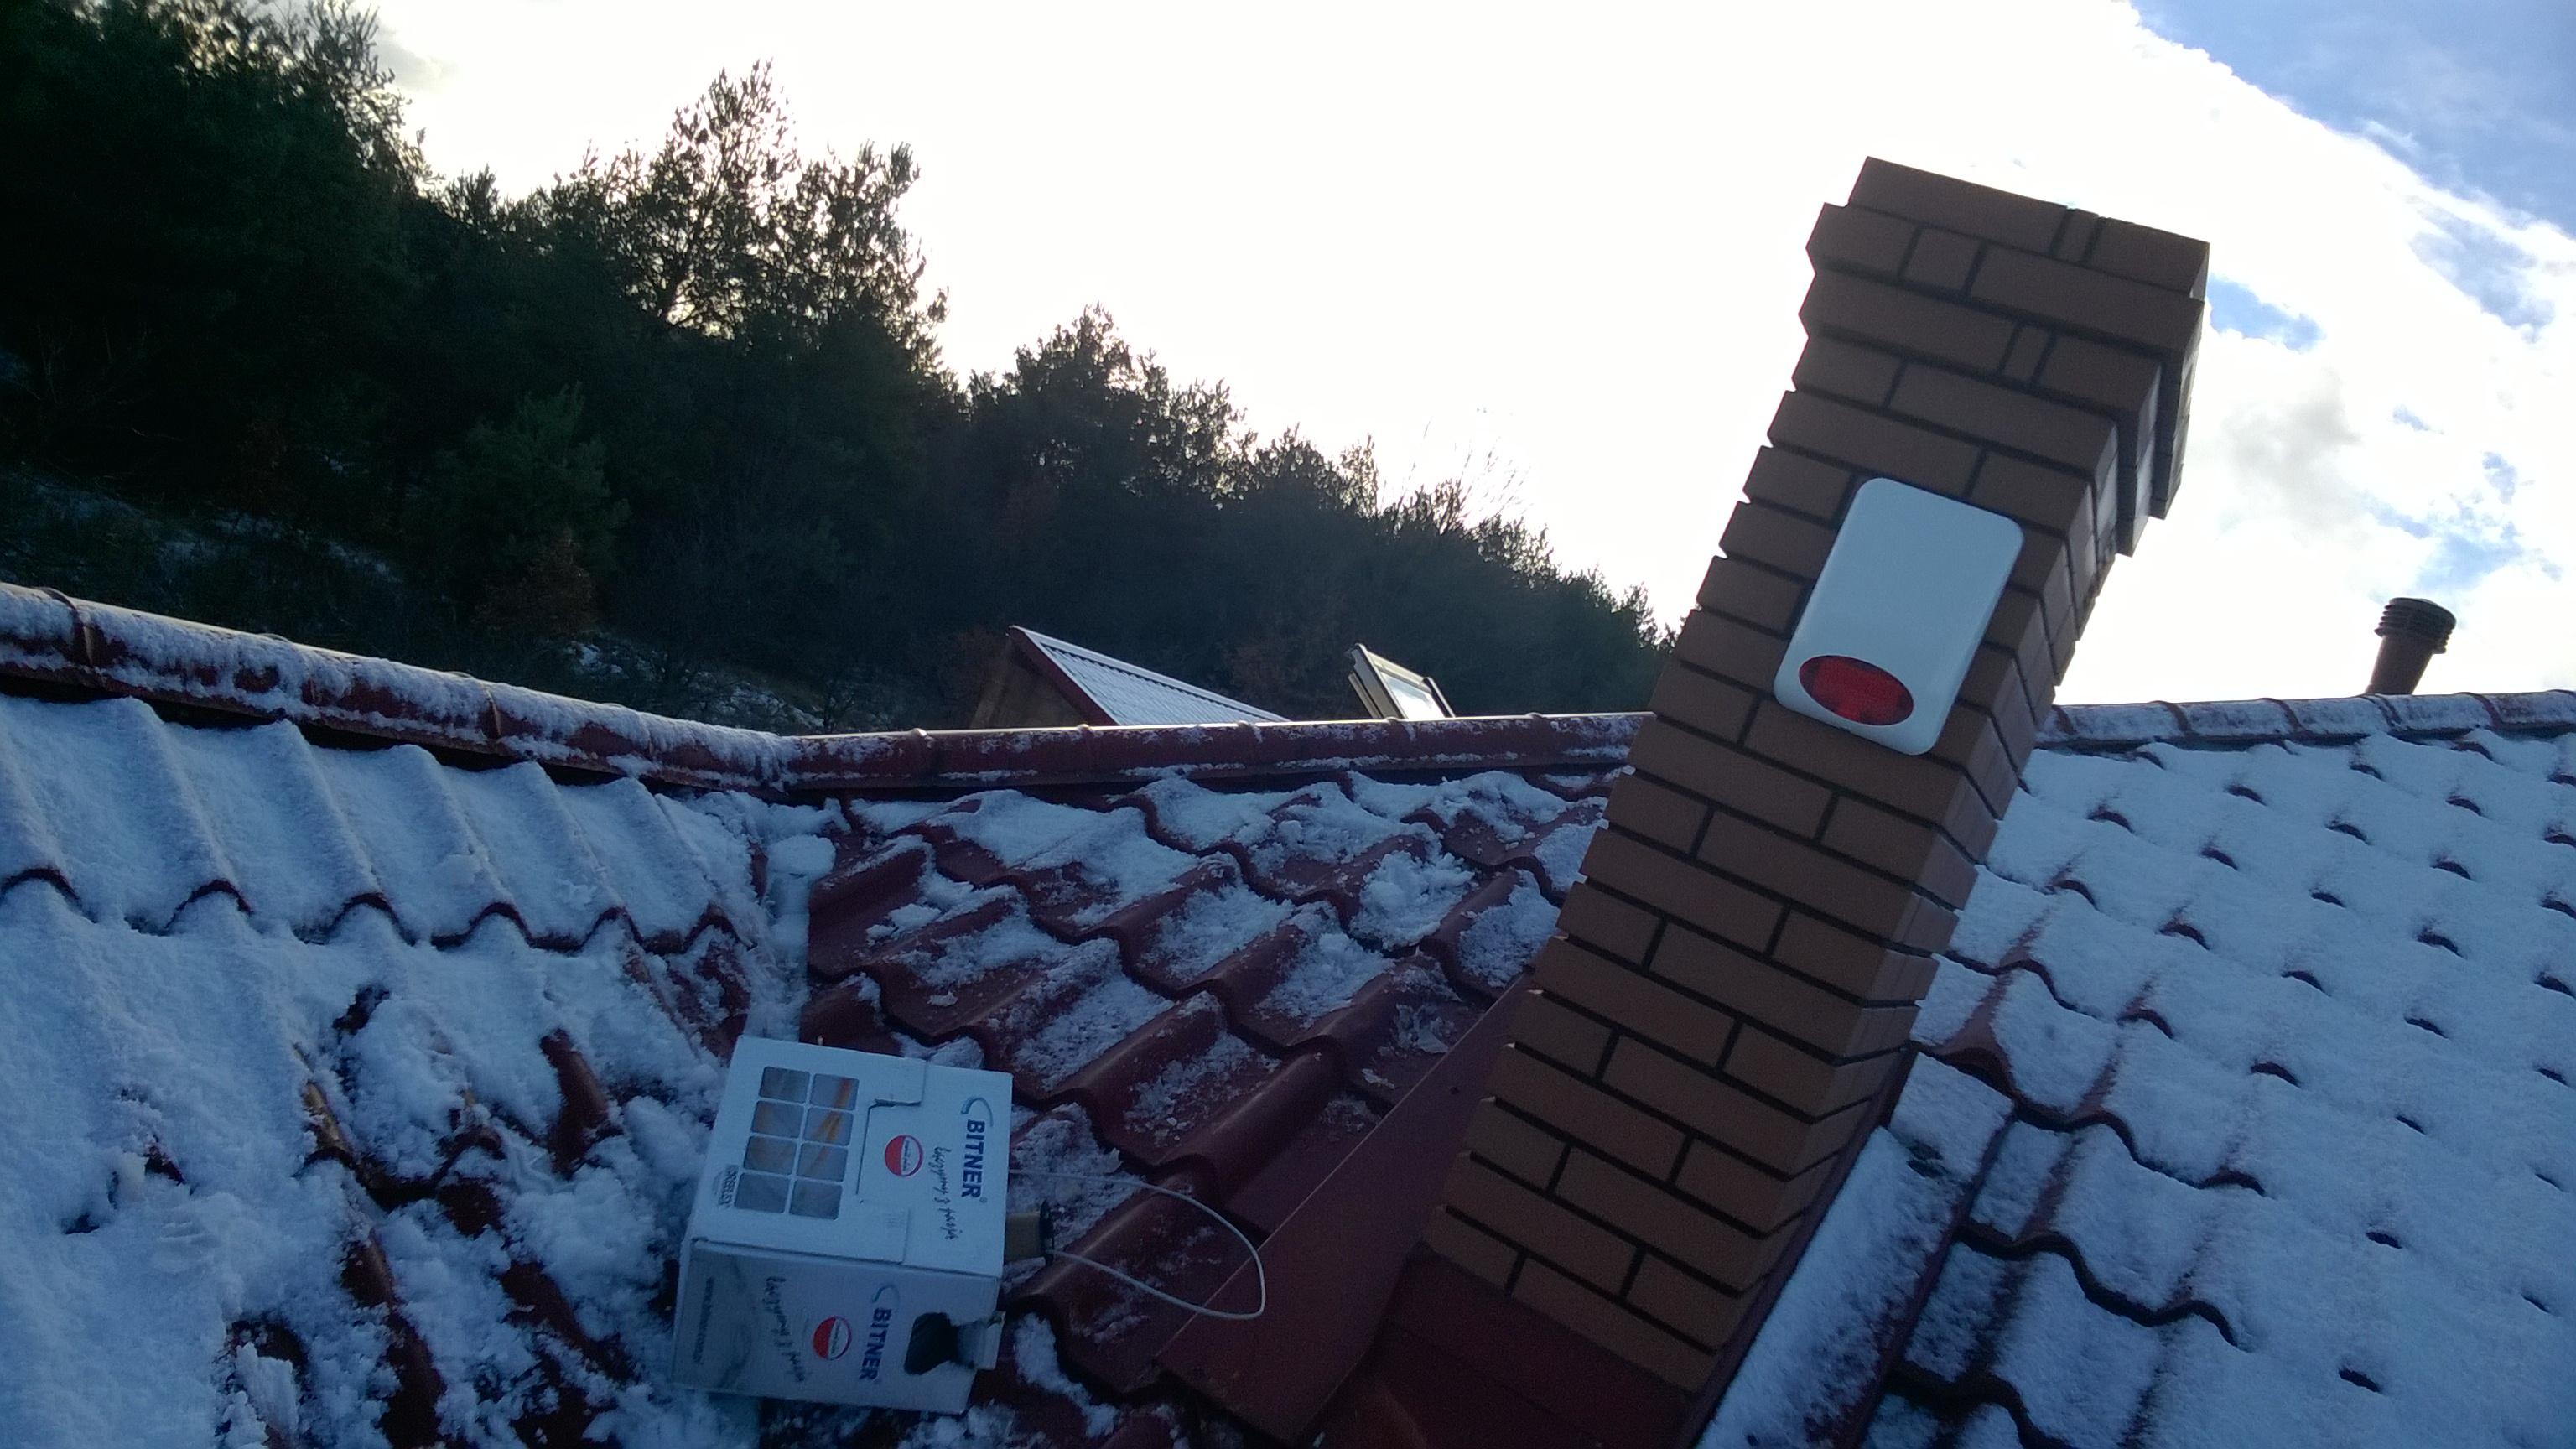 Montaż systemu alarmowego SSWIN Satel Versa dom jednorodzinny okolice Stalowa Wola